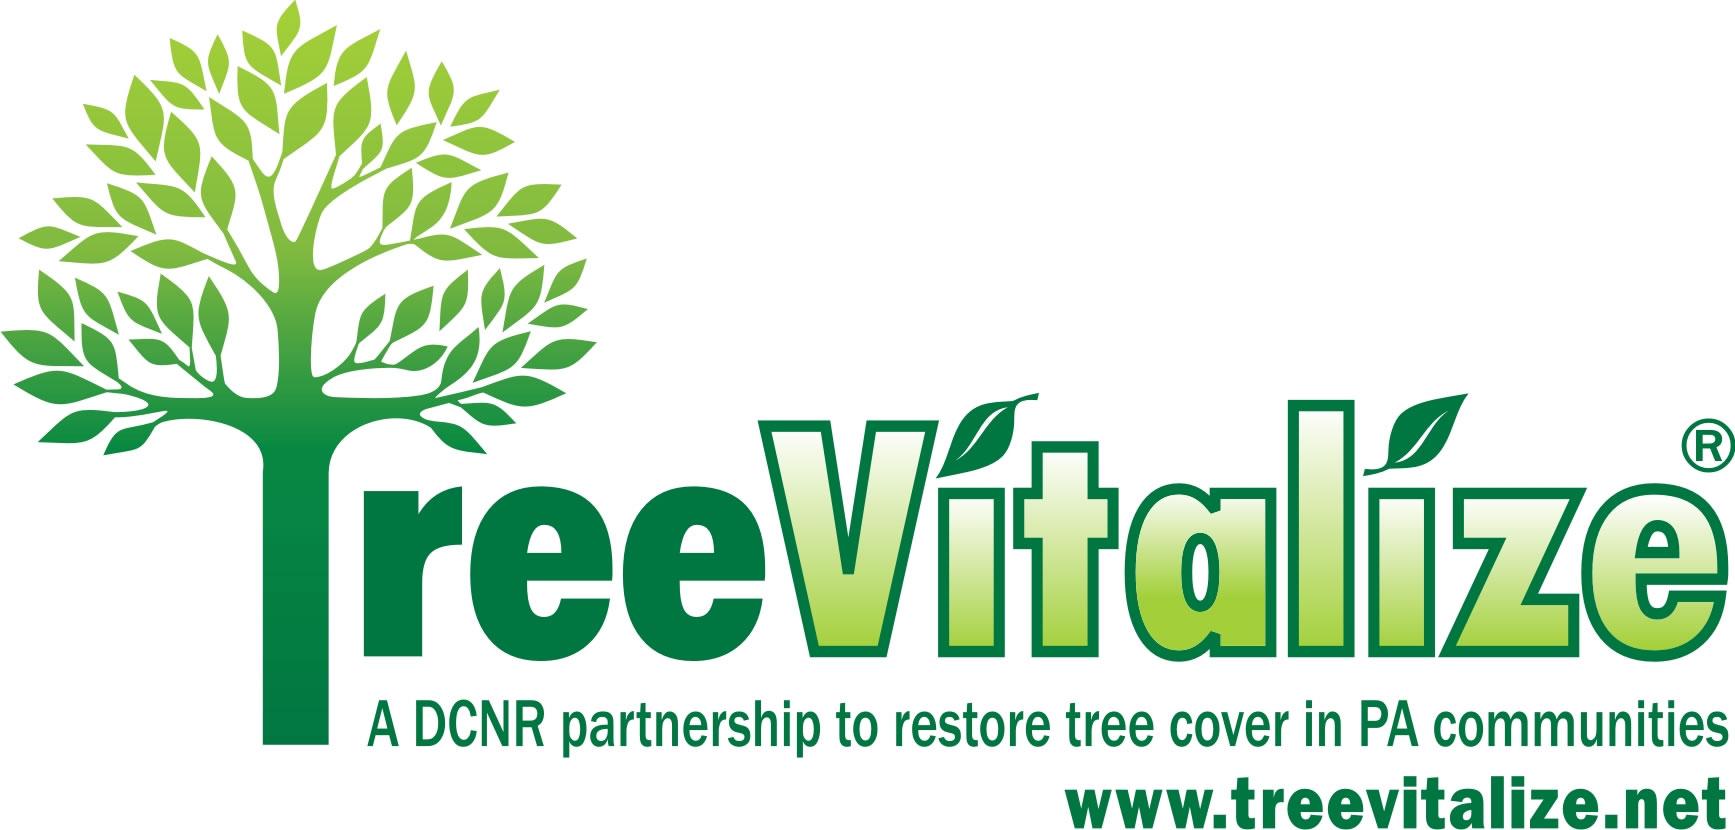 TreeVitalize